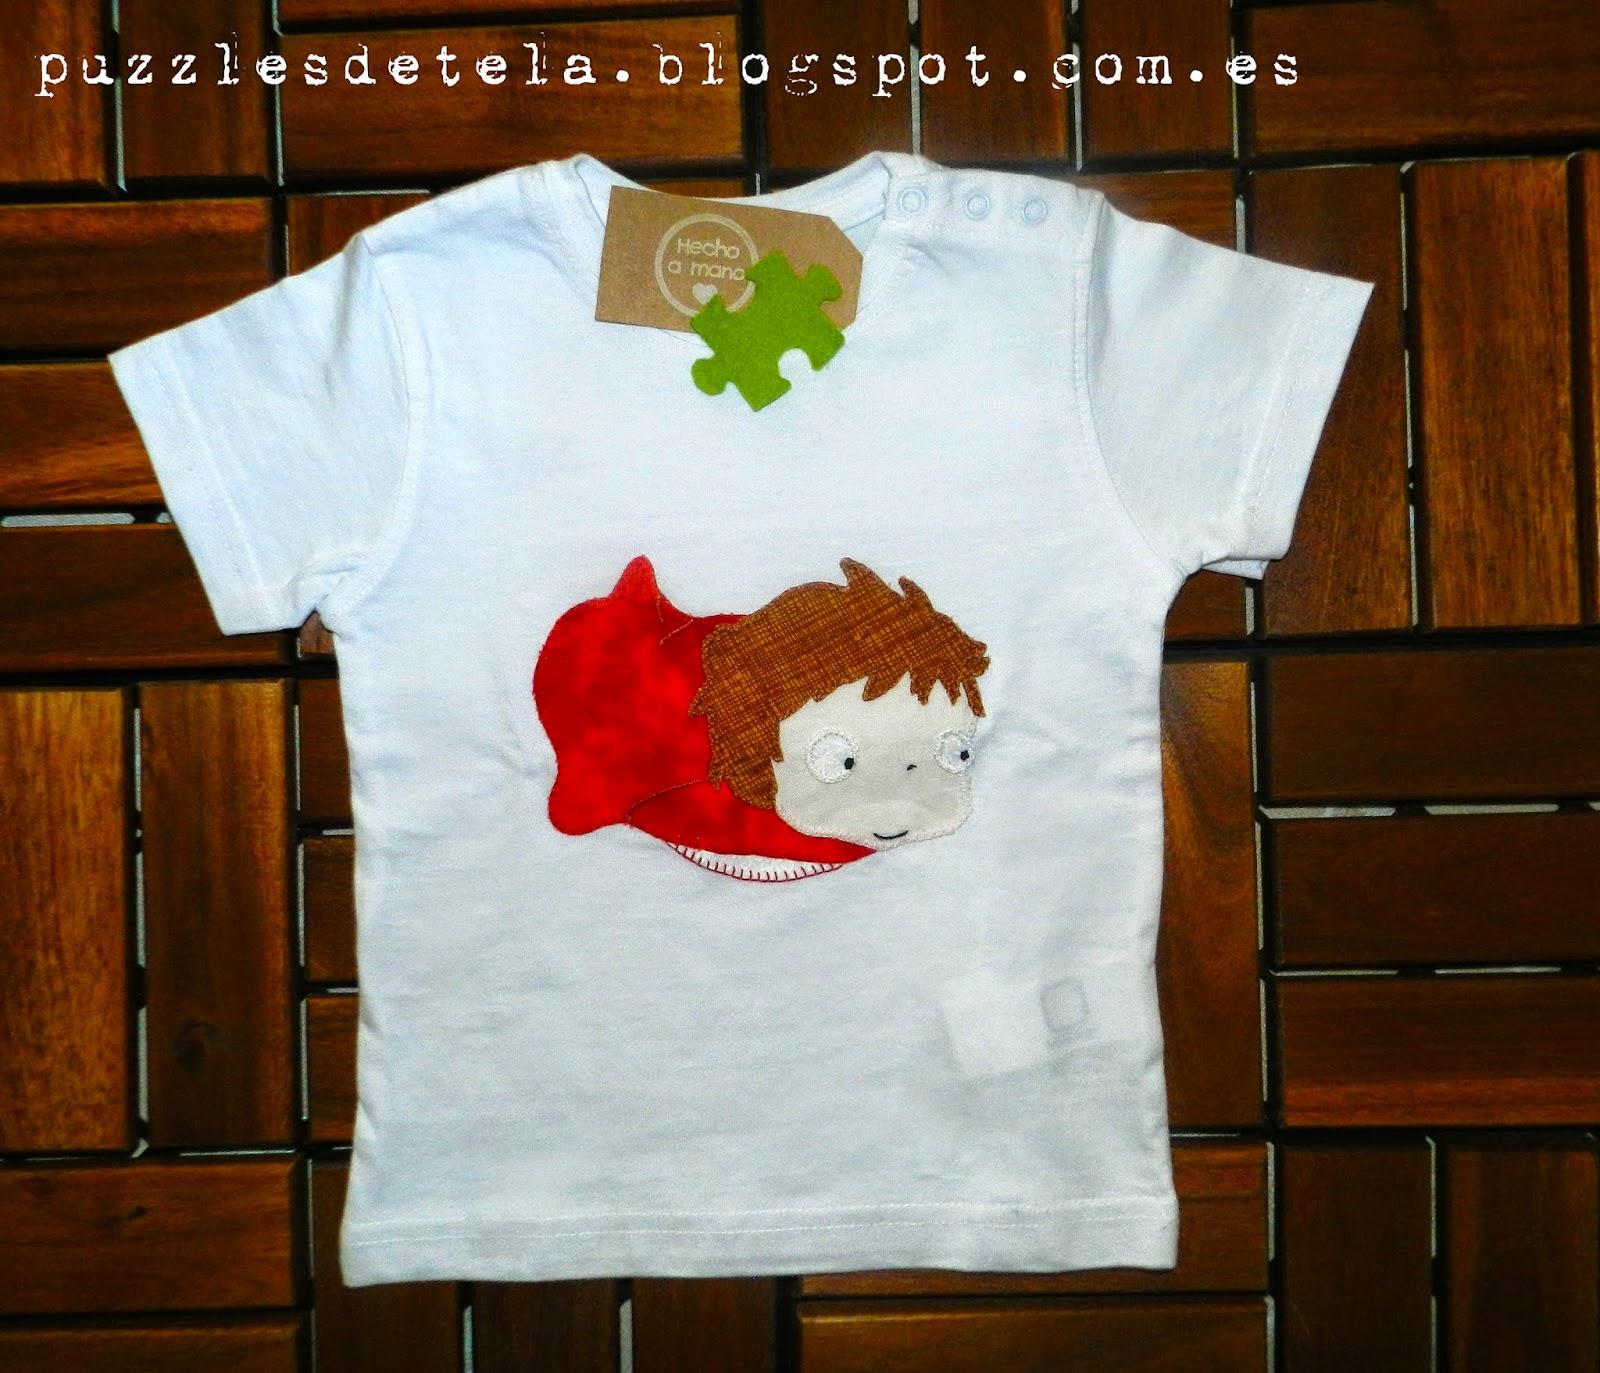 Ponyo, Ponyo en el acantilado, Ponyo patchwork, Camiseta de Ponyo, Puzzles de tela, camiseta con aplicación de patchwork, patchwork,